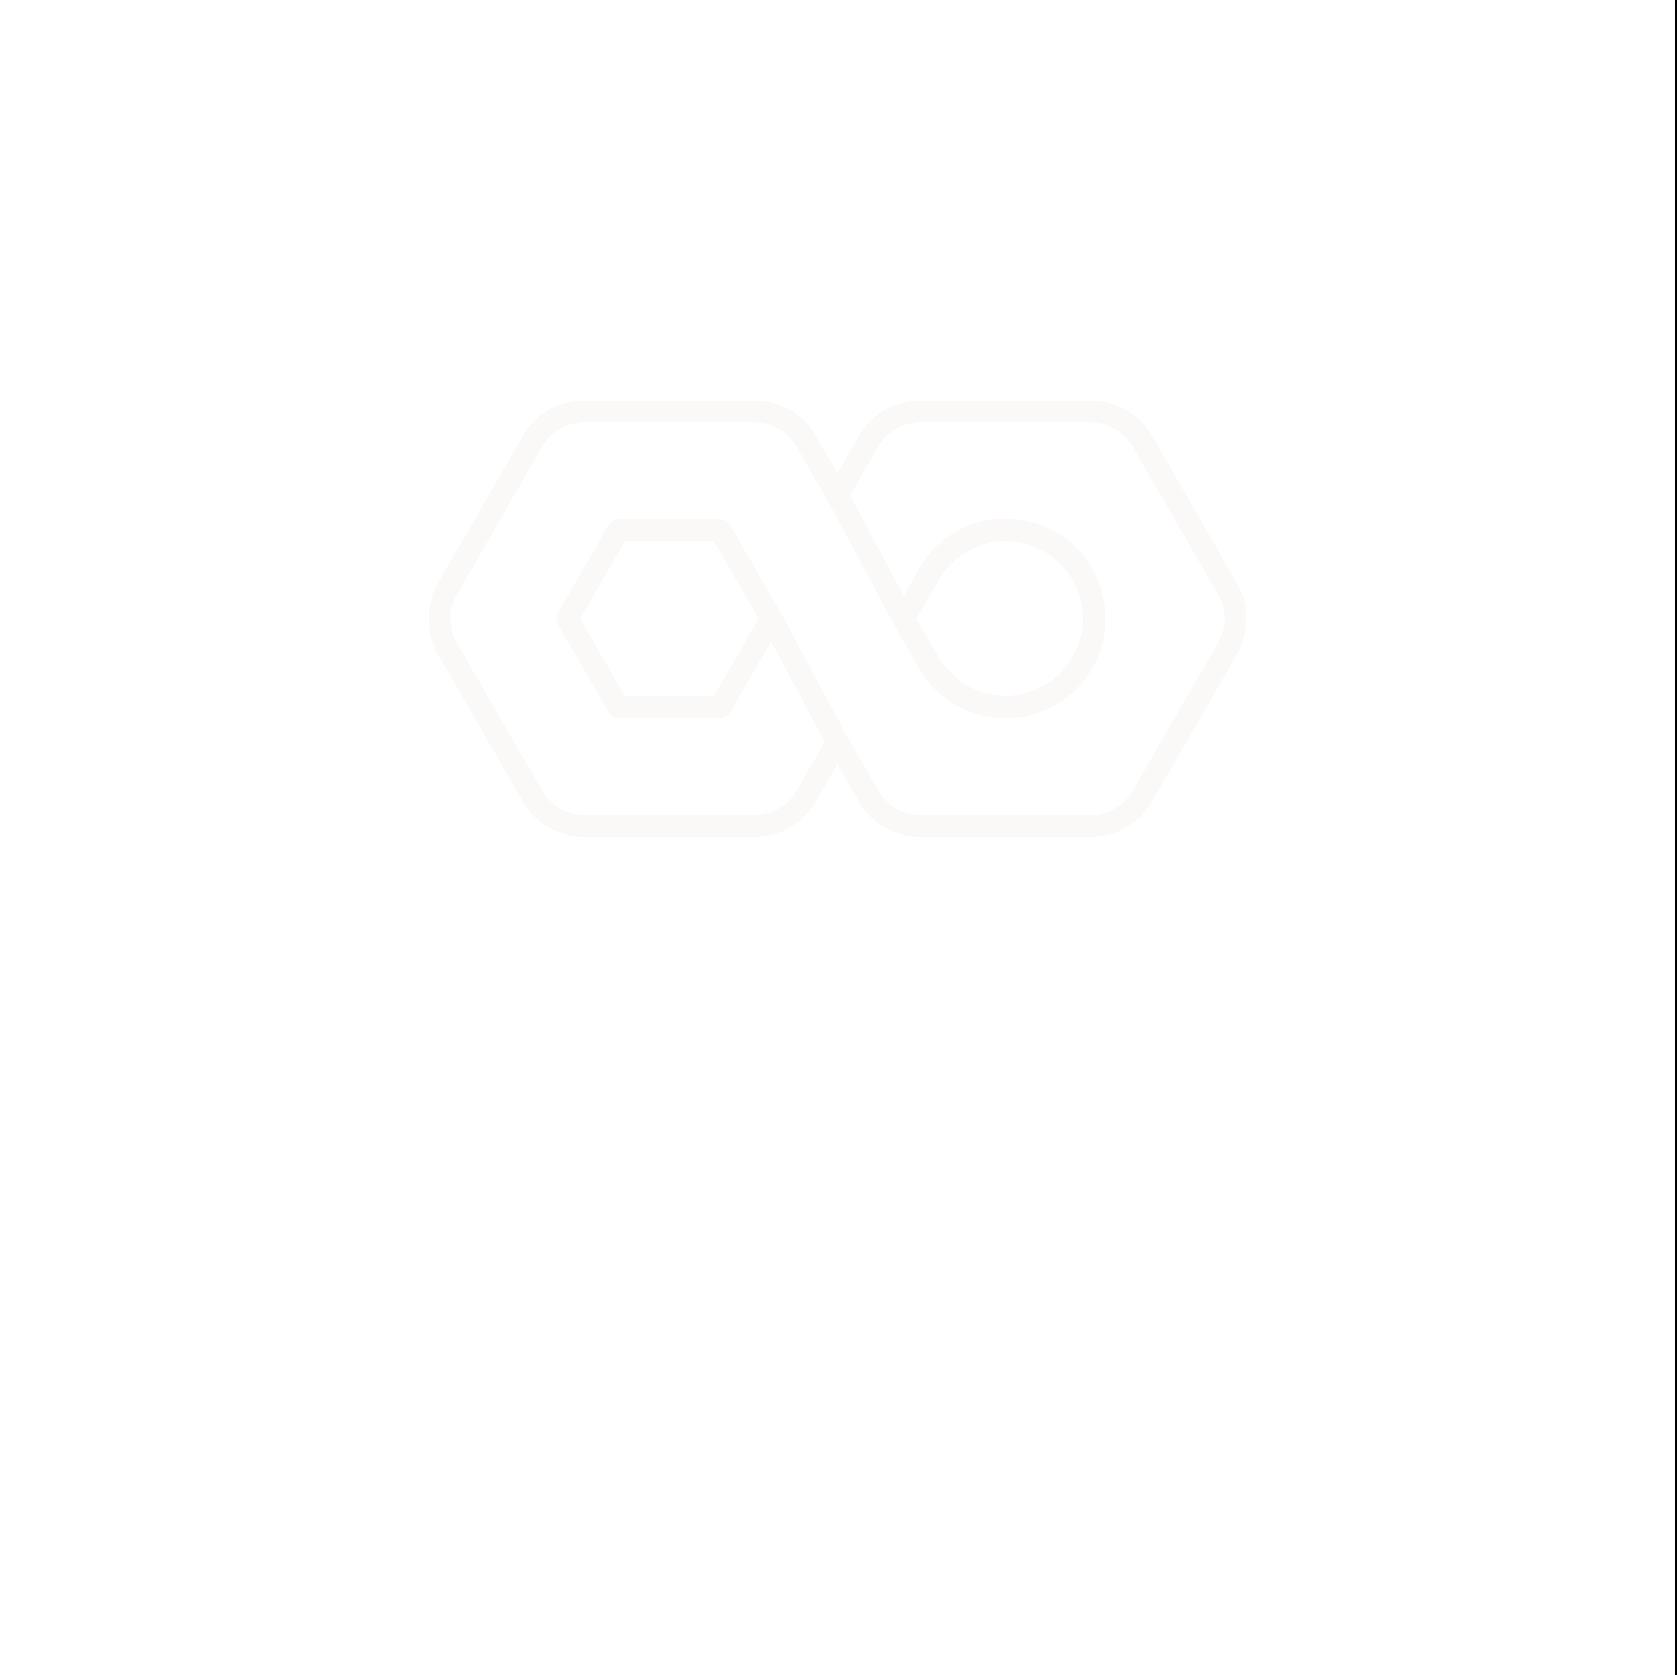 ReThing.pl